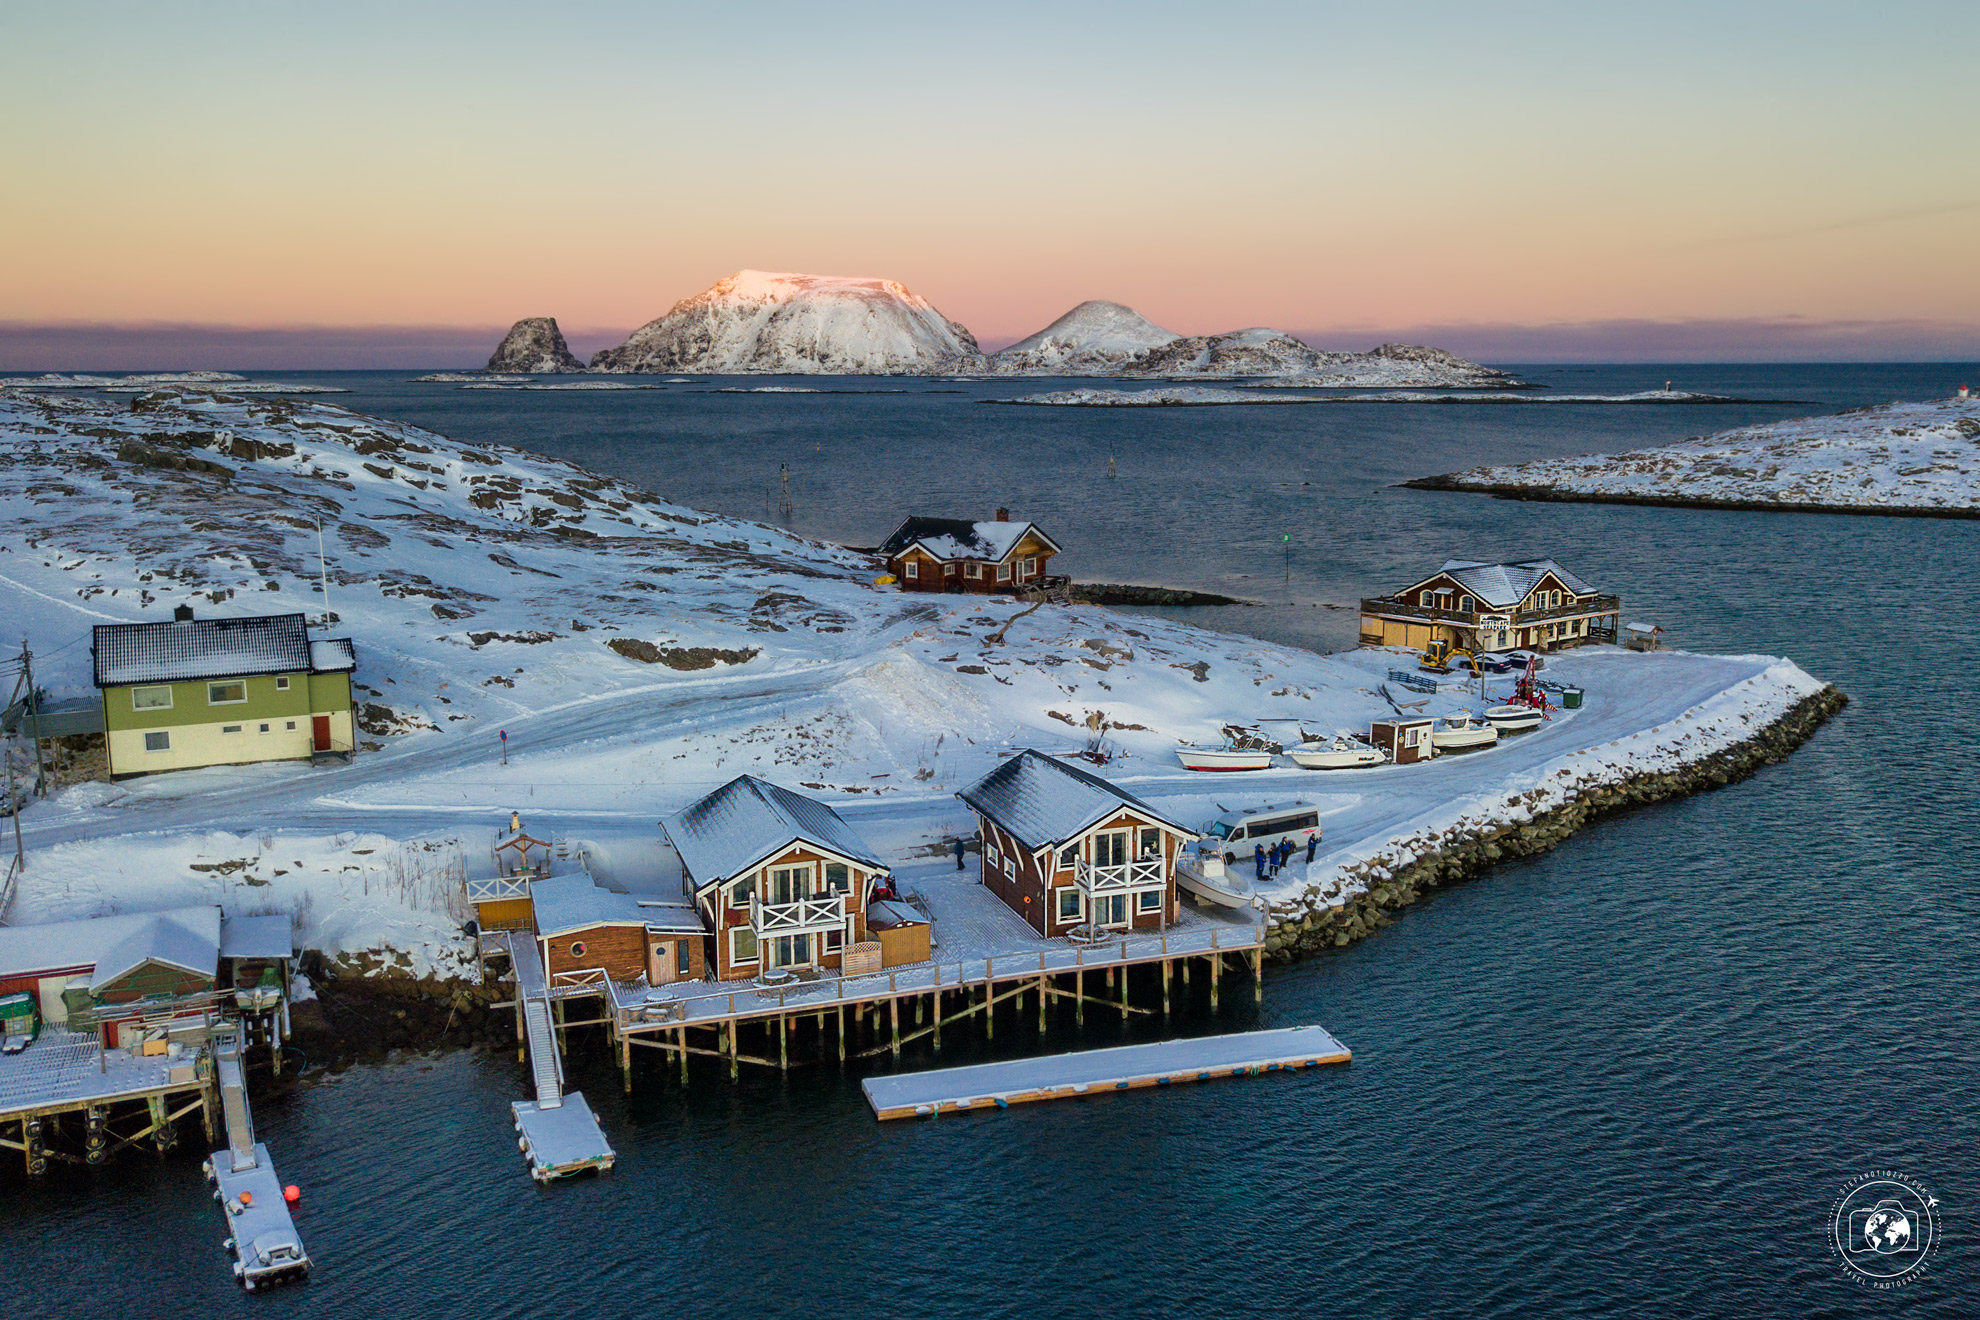 Alba di Mezzogiorno - viaggio a Capo Nord in inverno